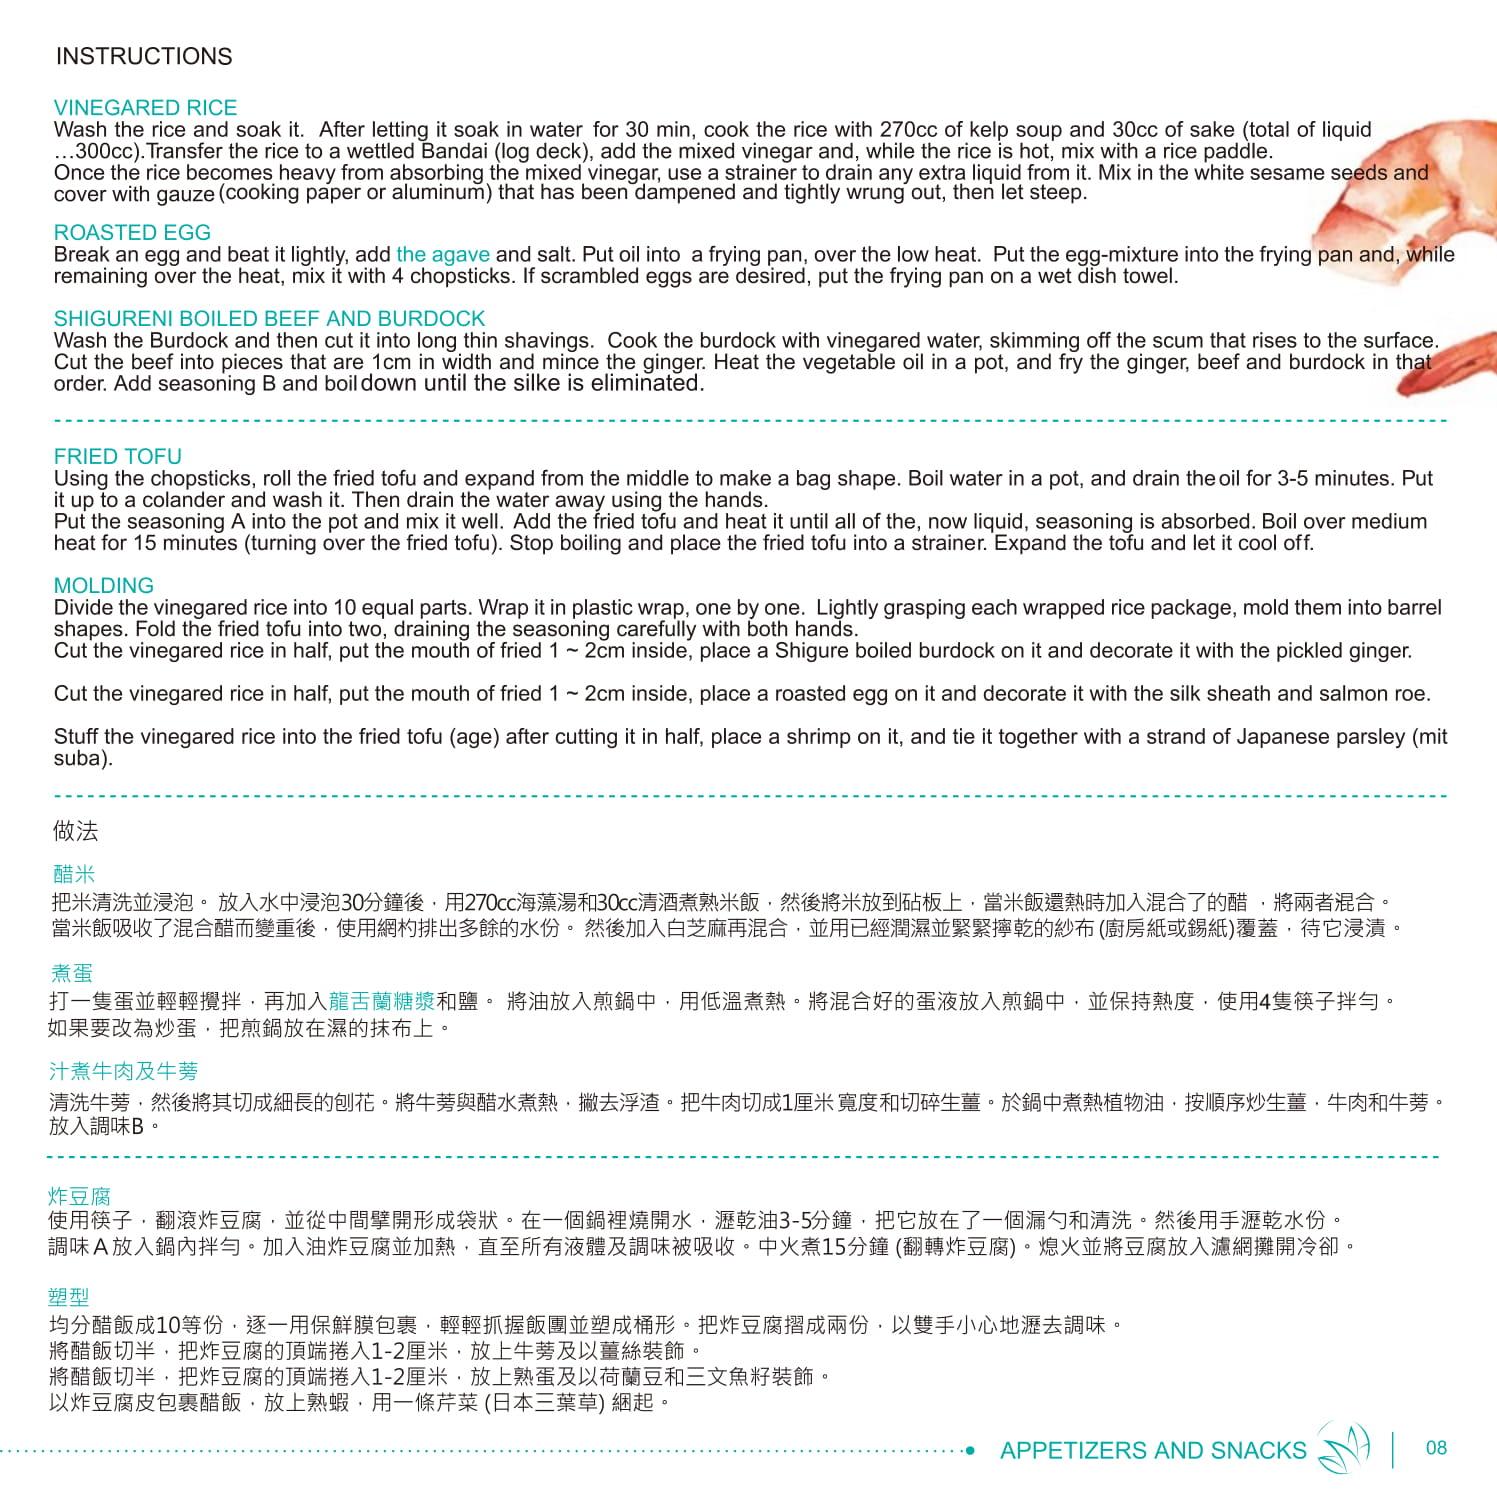 20th anniversary recipe_PDF-09